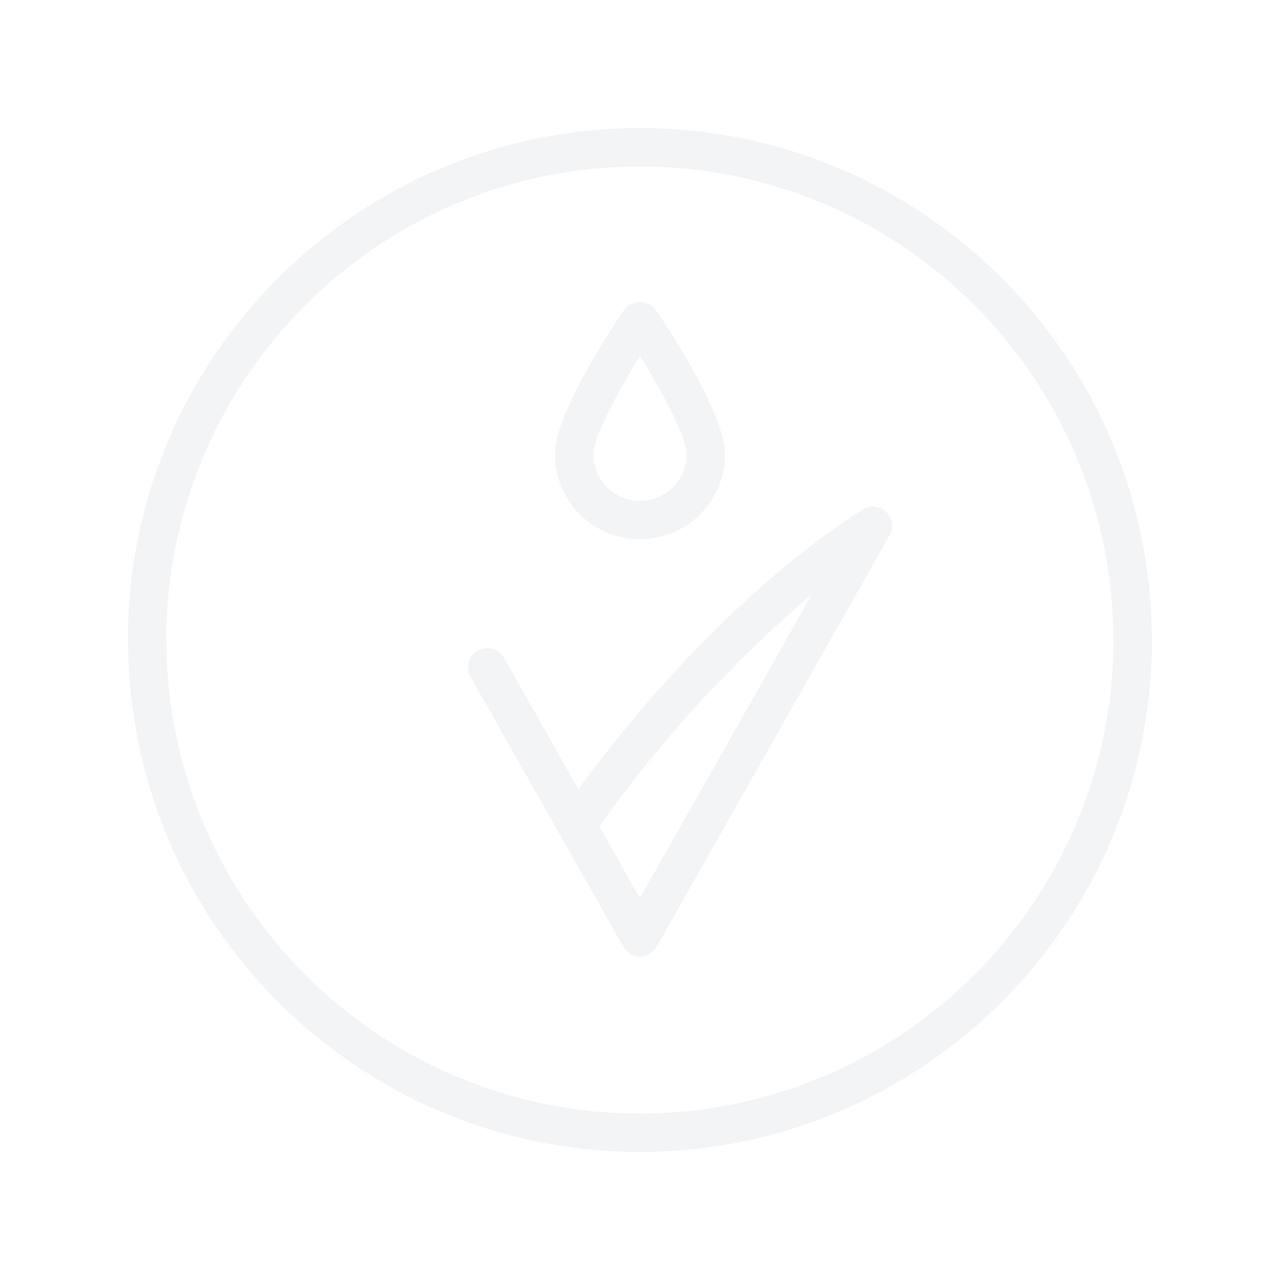 YVES SAINT LAURENT YSL L'Homme Cologne Bleue EDT 60ml